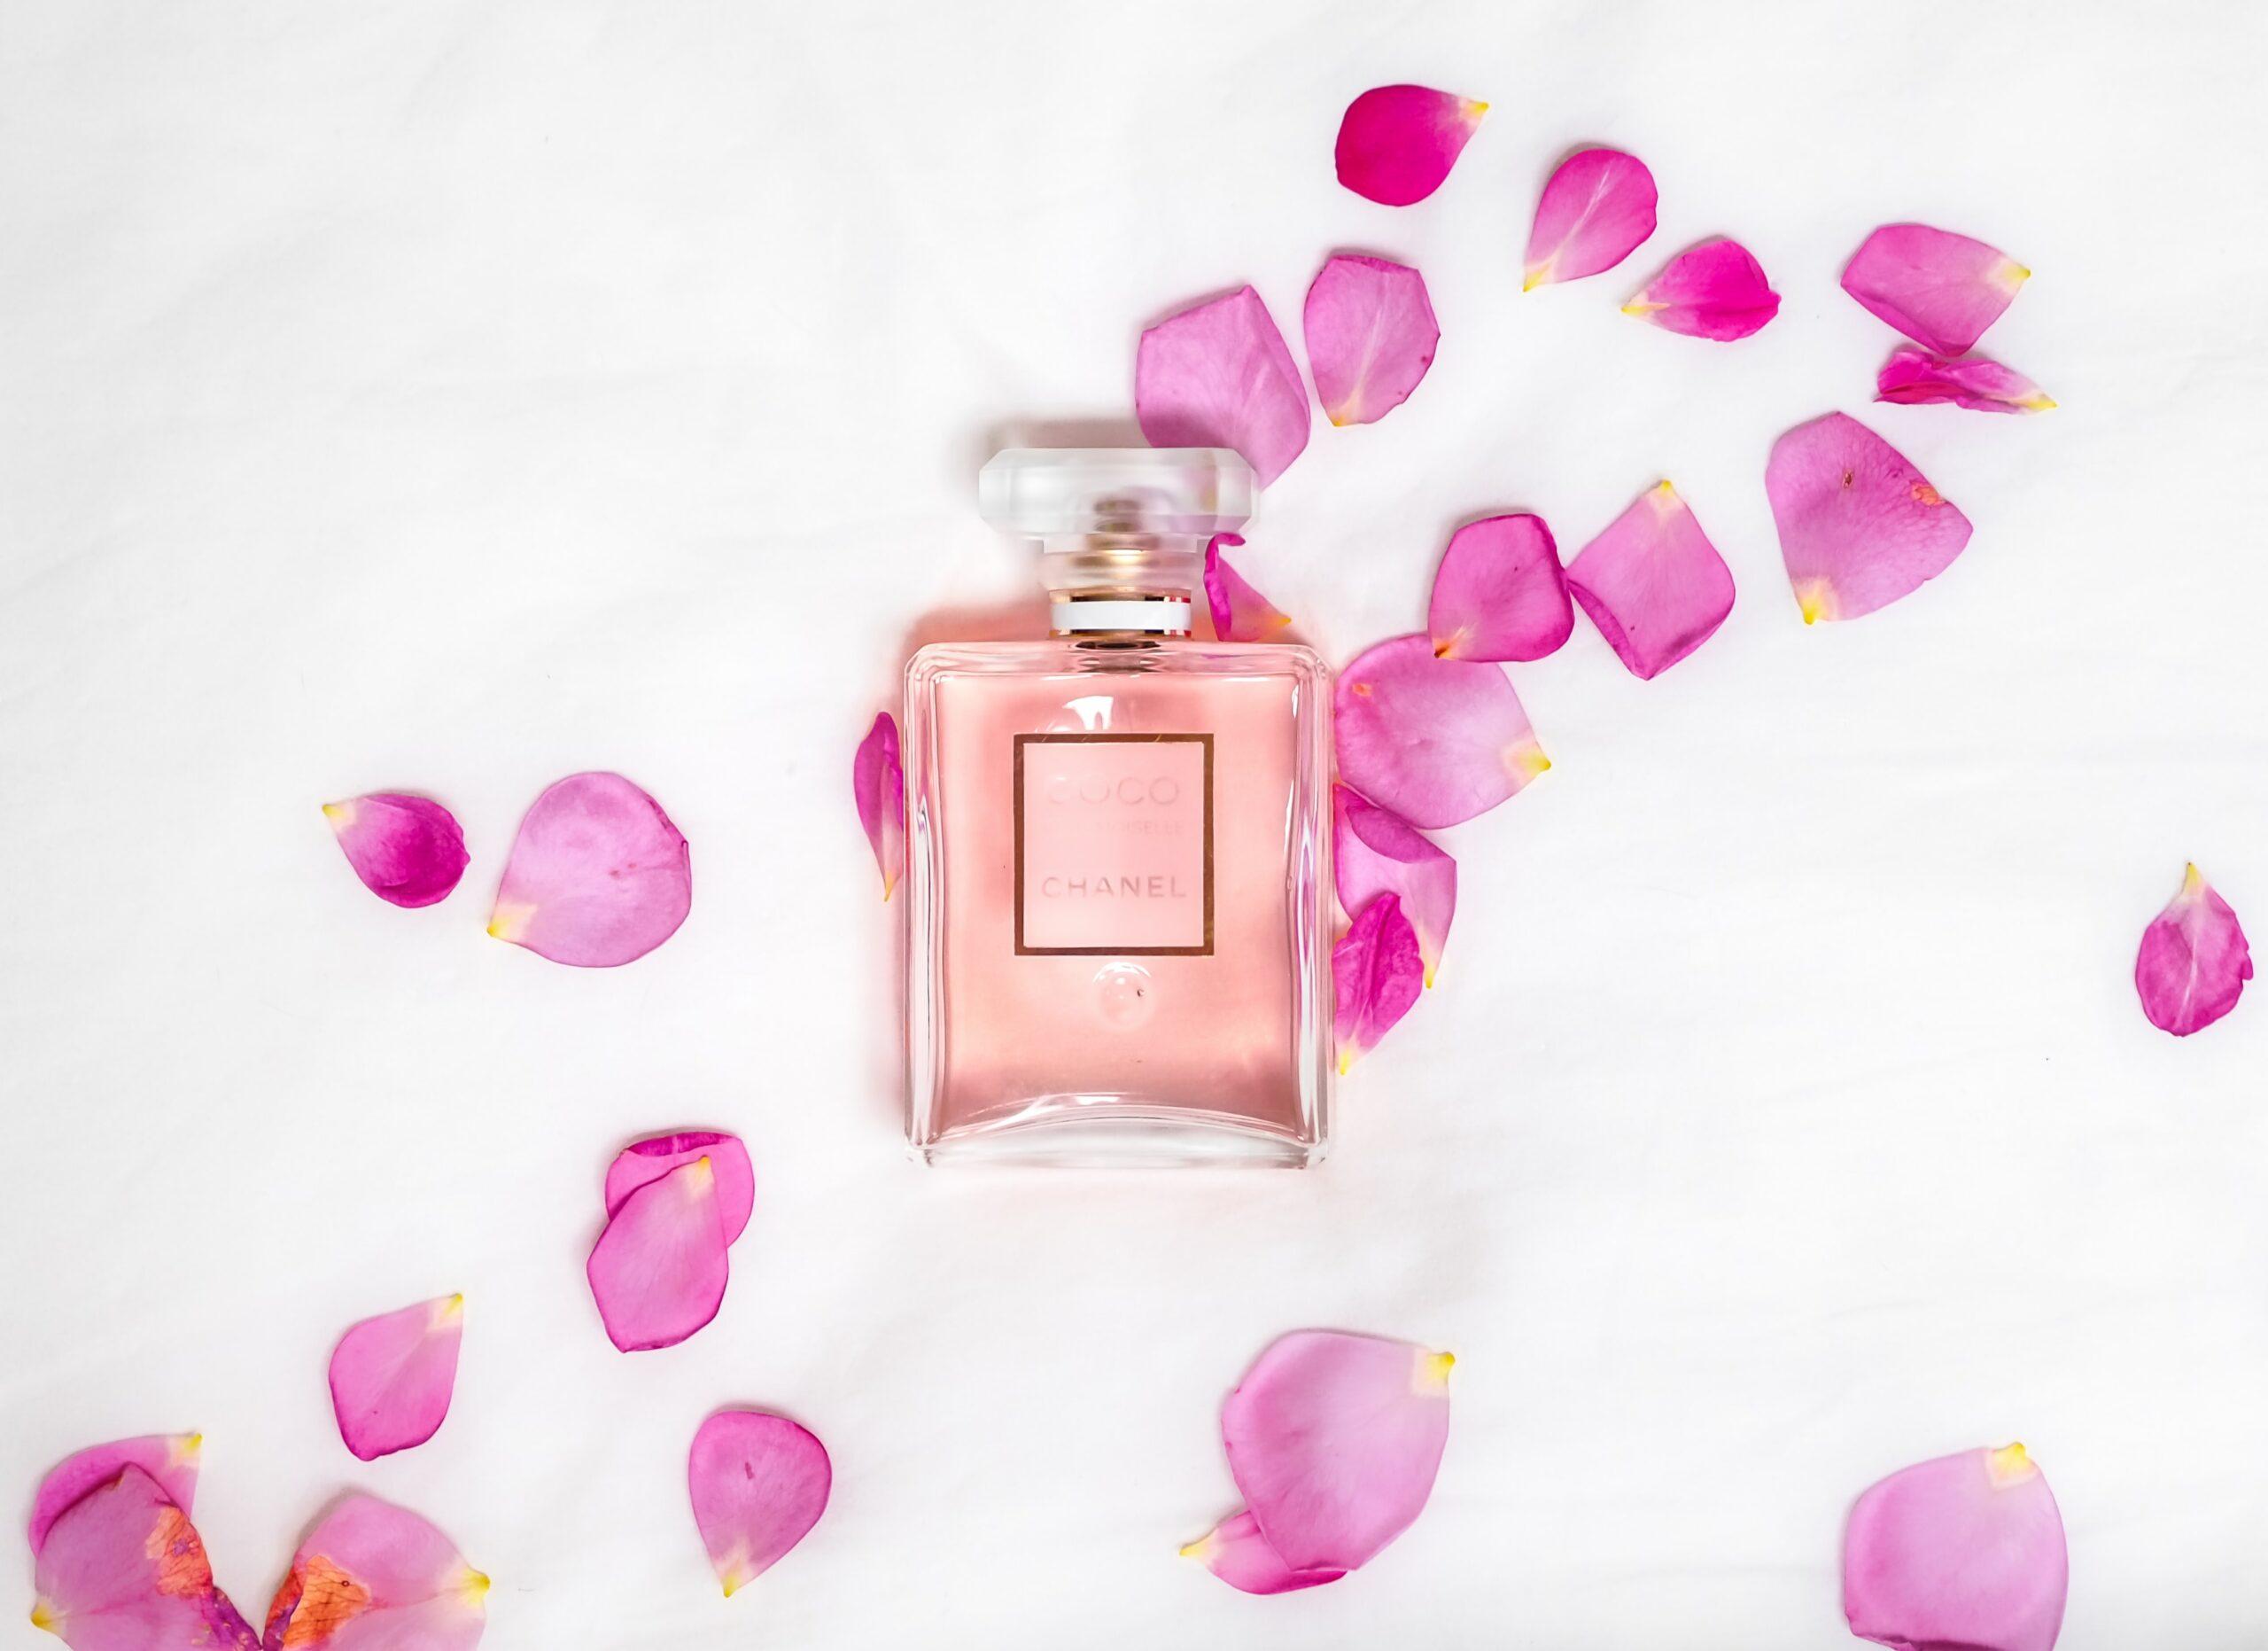 My Perfume.com Reviews: Shop or Skip?